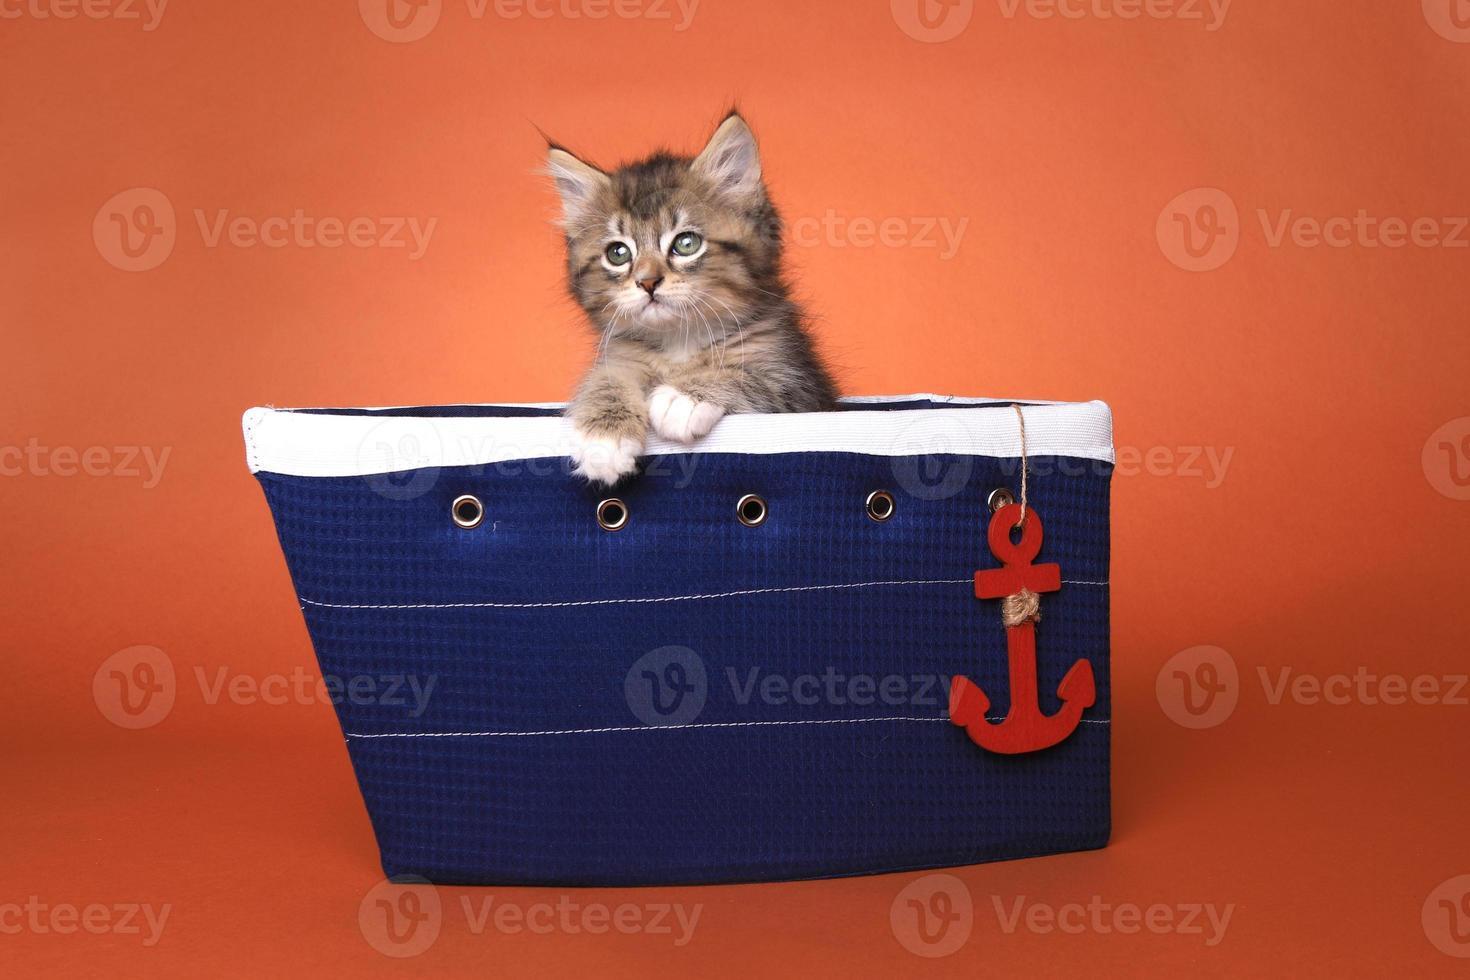 gattino maincoon con grandi occhi foto